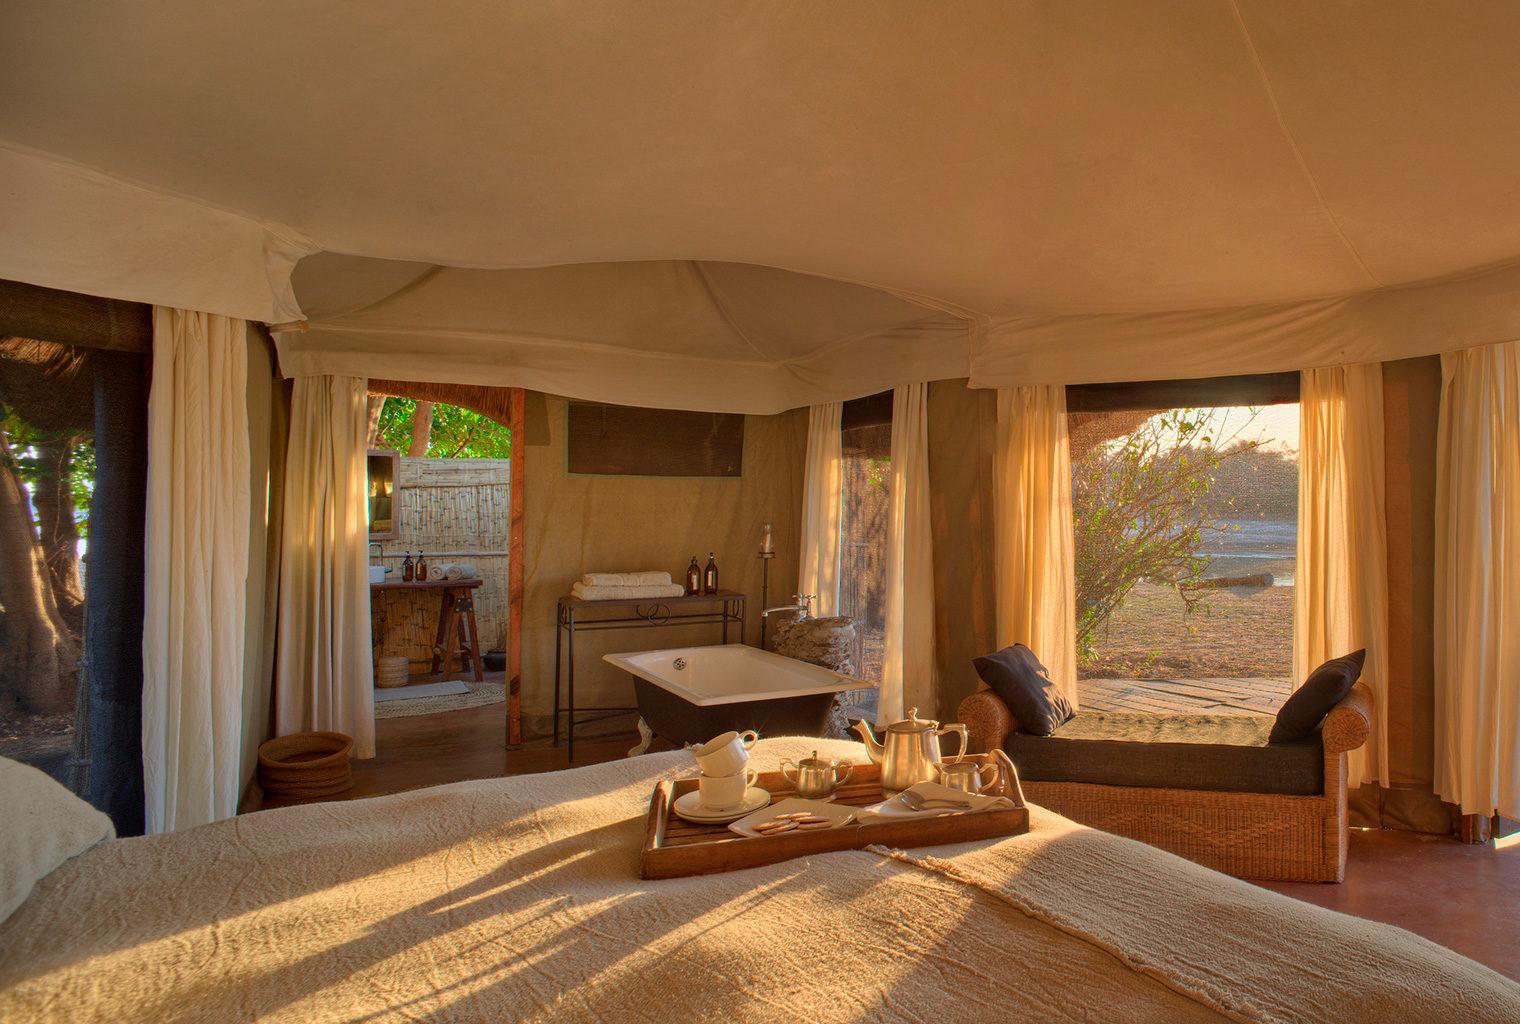 Zambia,-Mchenja-Camp,-Bedroom